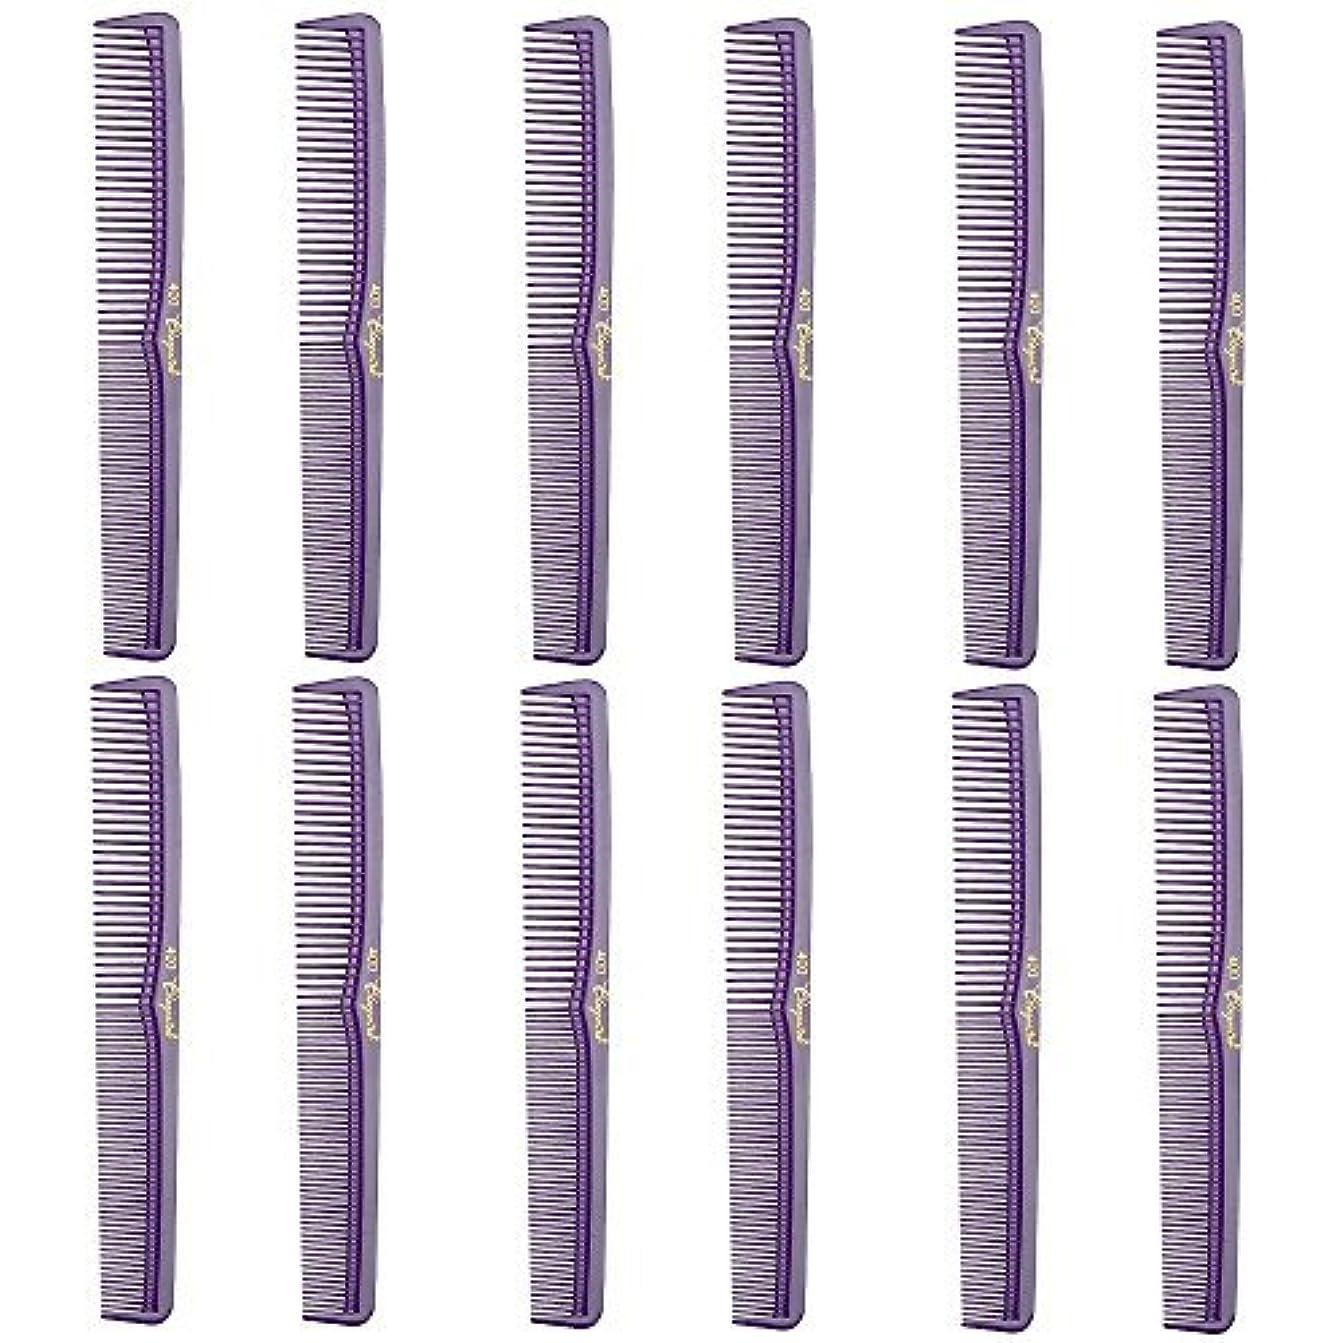 衝動論理的に気球Barber Beauty Hair Cleopatra 400 All Purpose Comb (12 Pack) 12 x SB-C400-PURPLE [並行輸入品]